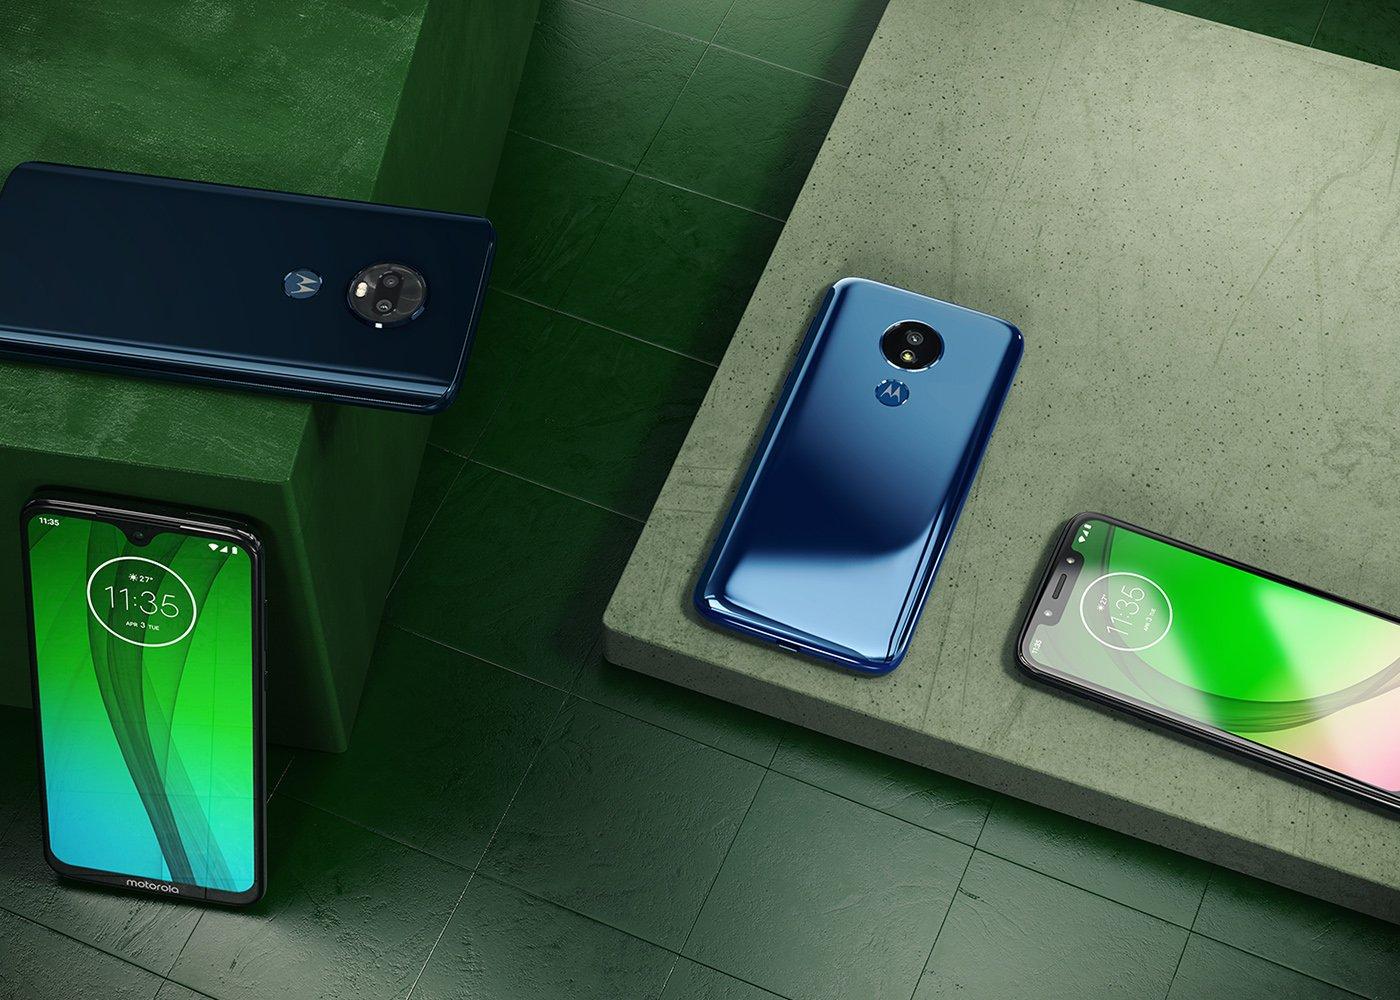 Motorola presenta su nueva gama de smartphones: Moto G7, Moto G7 Plus, G7 Play y G7 Power